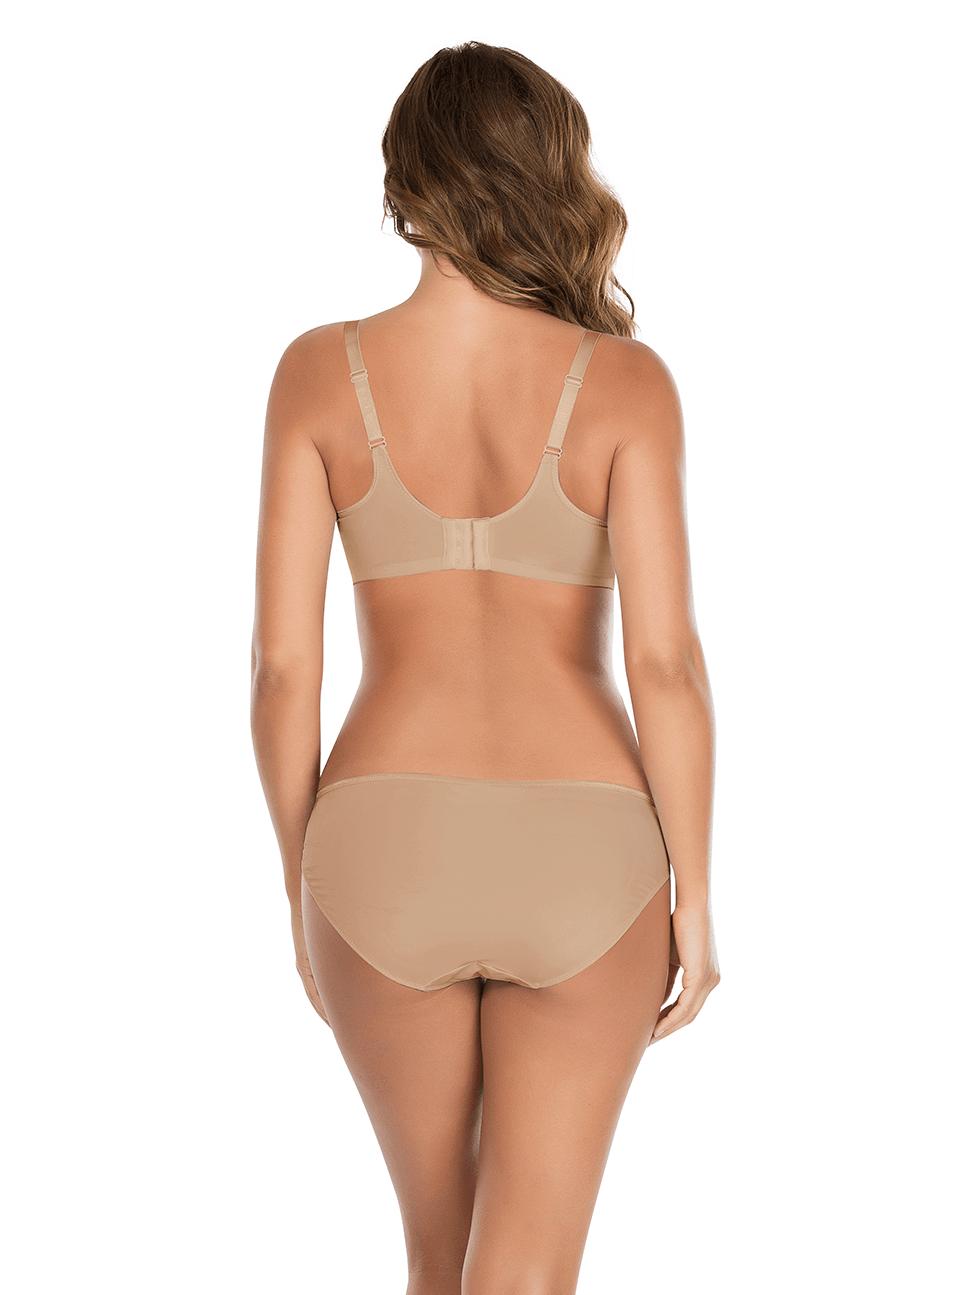 Enora MinimizerBraP5272 BikiniP5273 ENude Back - Enora Bikini - Nude - P5273